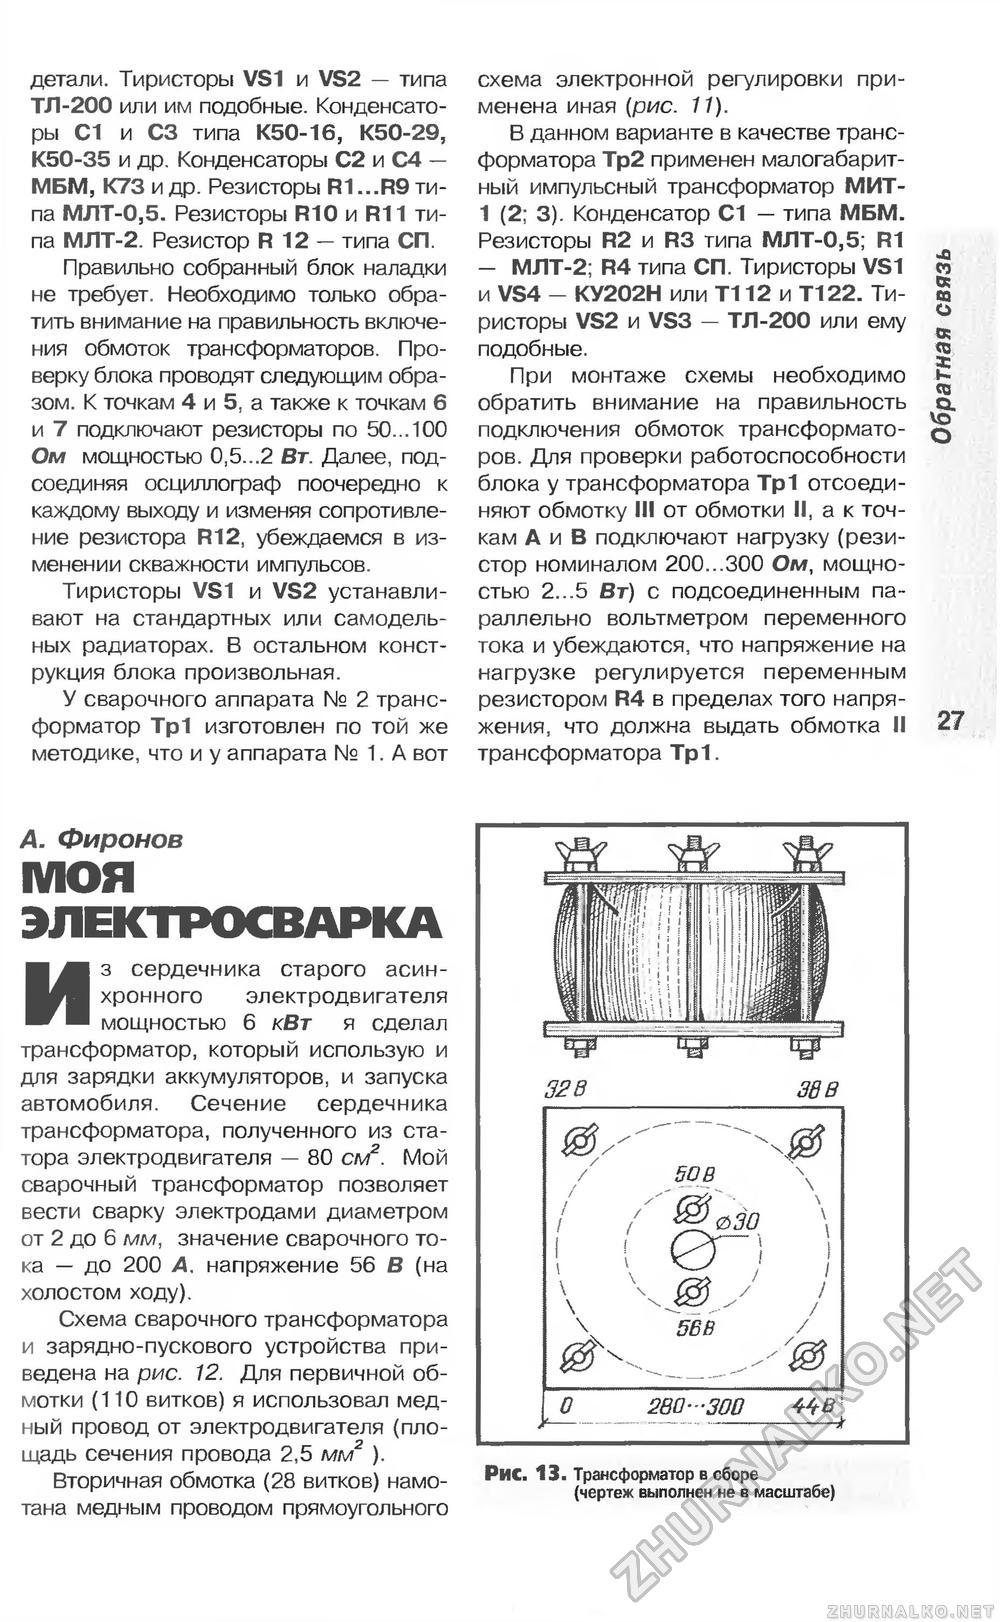 Братья по бумаге Что внутри конденсатора МБМ и БМТ-2